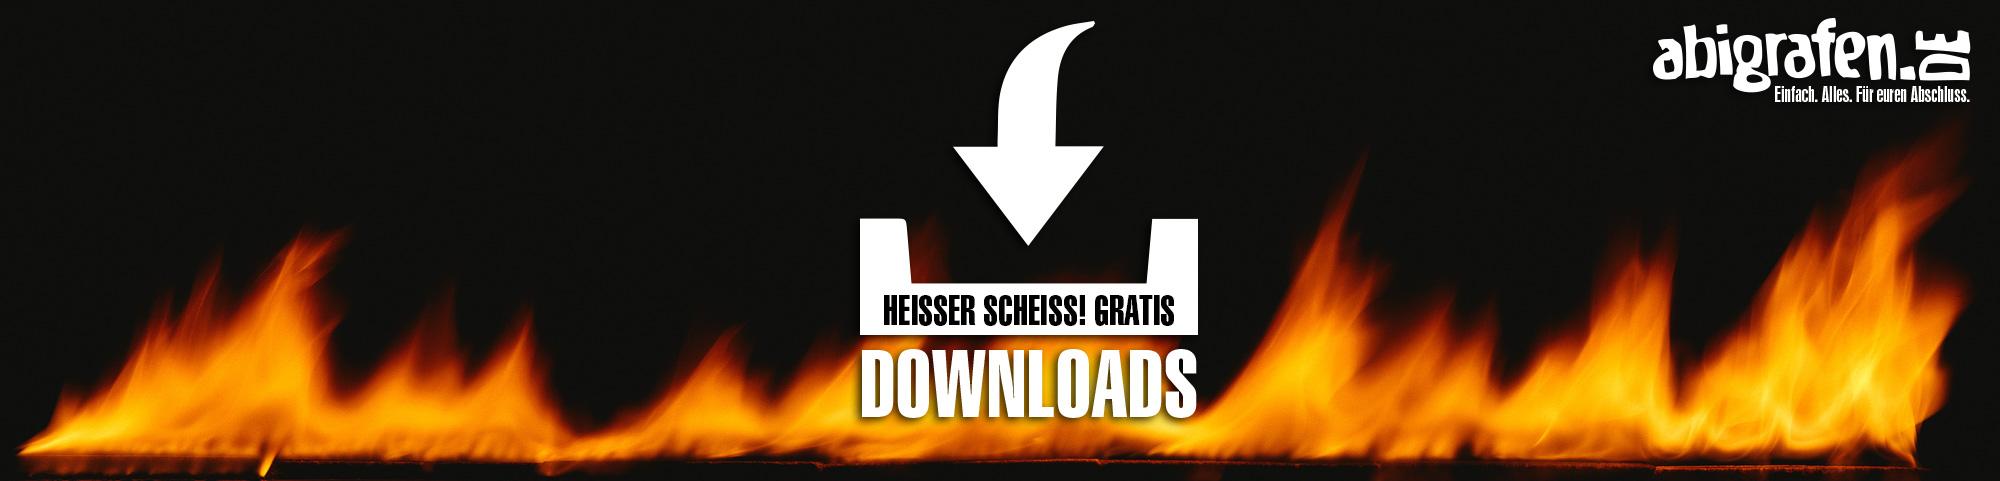 gratis Downloads Abi: Party, Zeitung, Ball, Streich – abigrafen.de